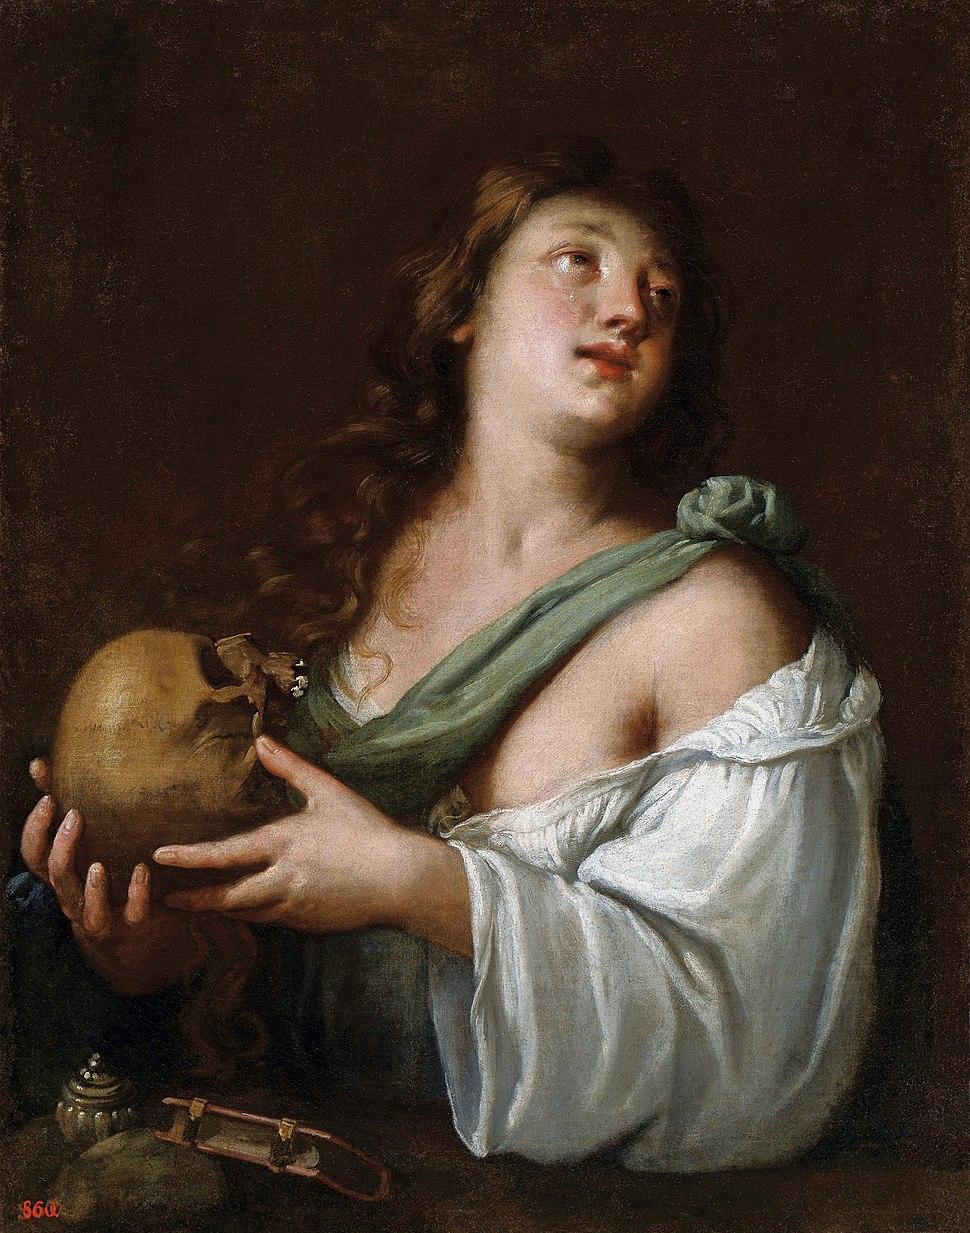 Bologna Penitent Mary Magdalene